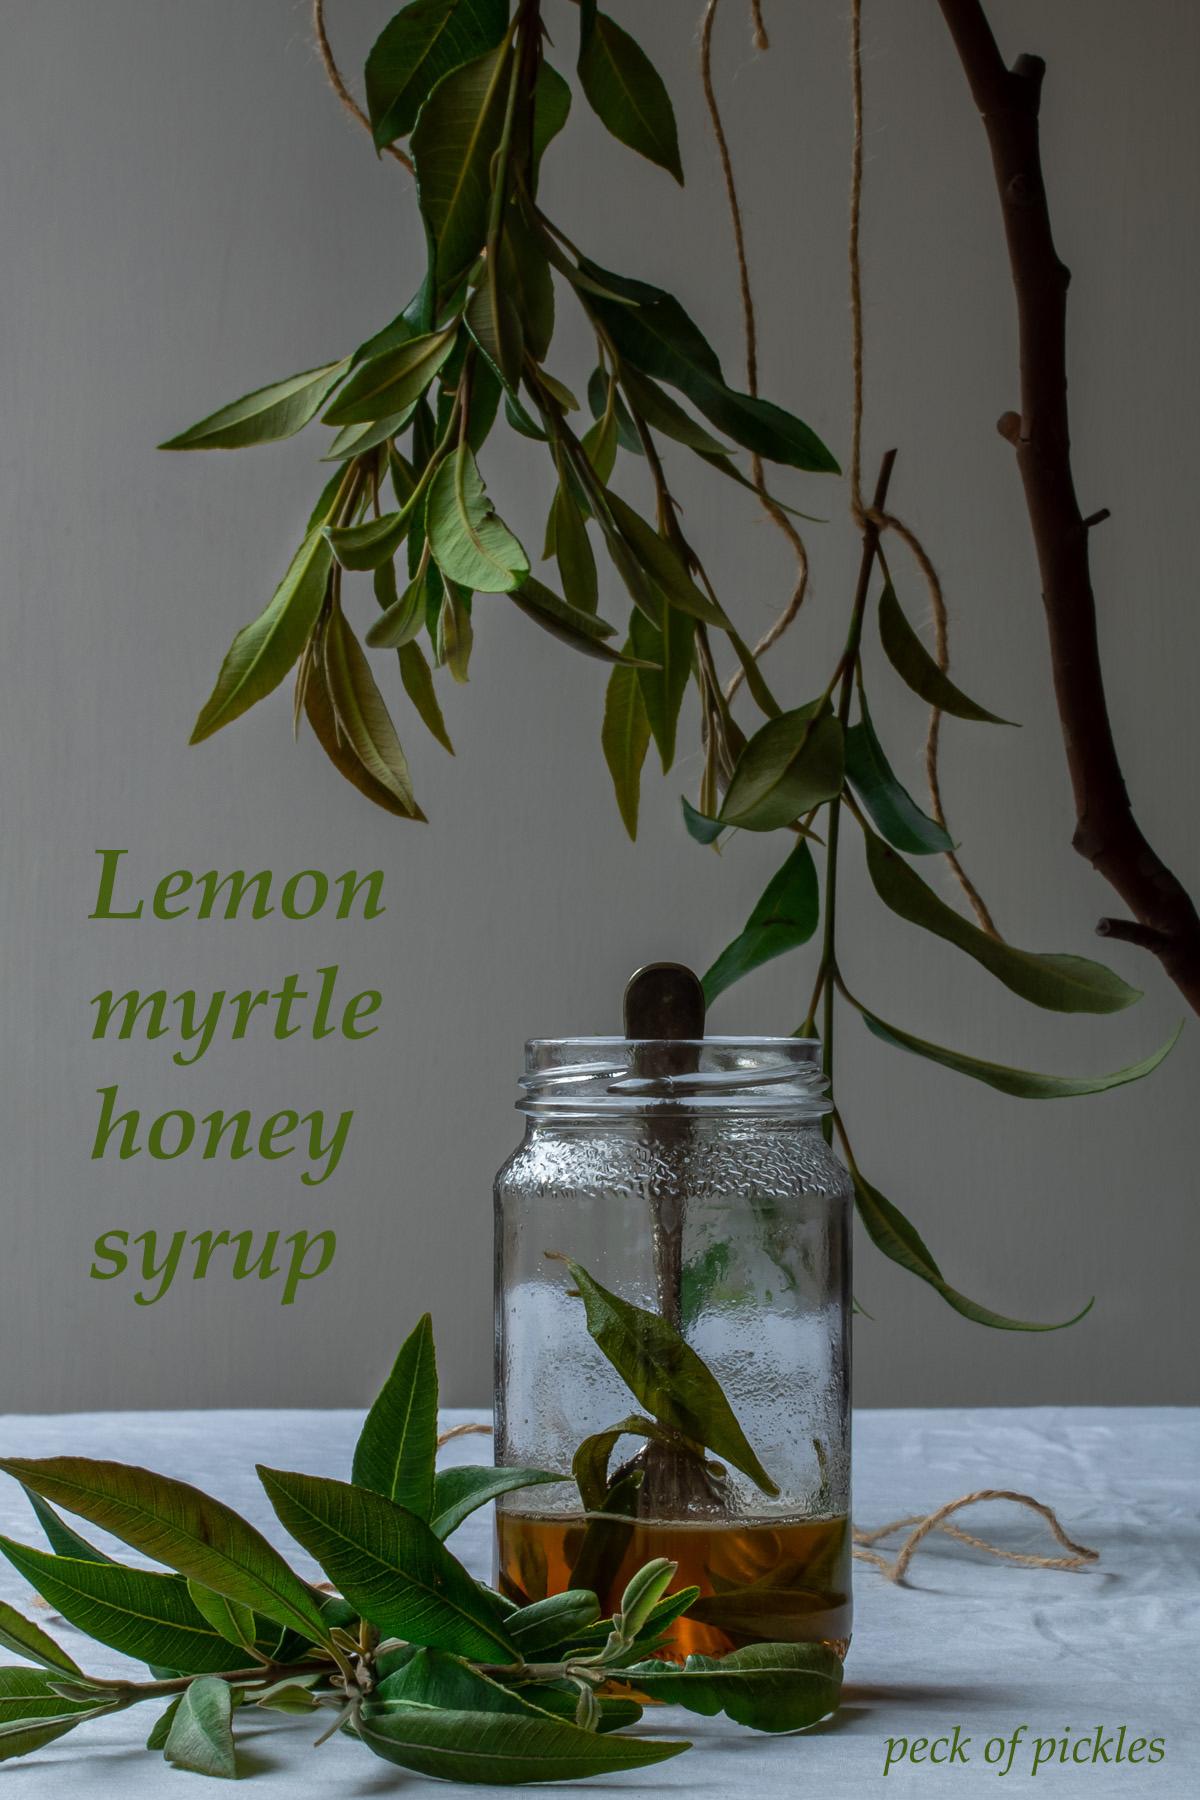 lemon myrtle honey syrup in glass jar with vintage spoon framed by suspended lemon myrtle leaves